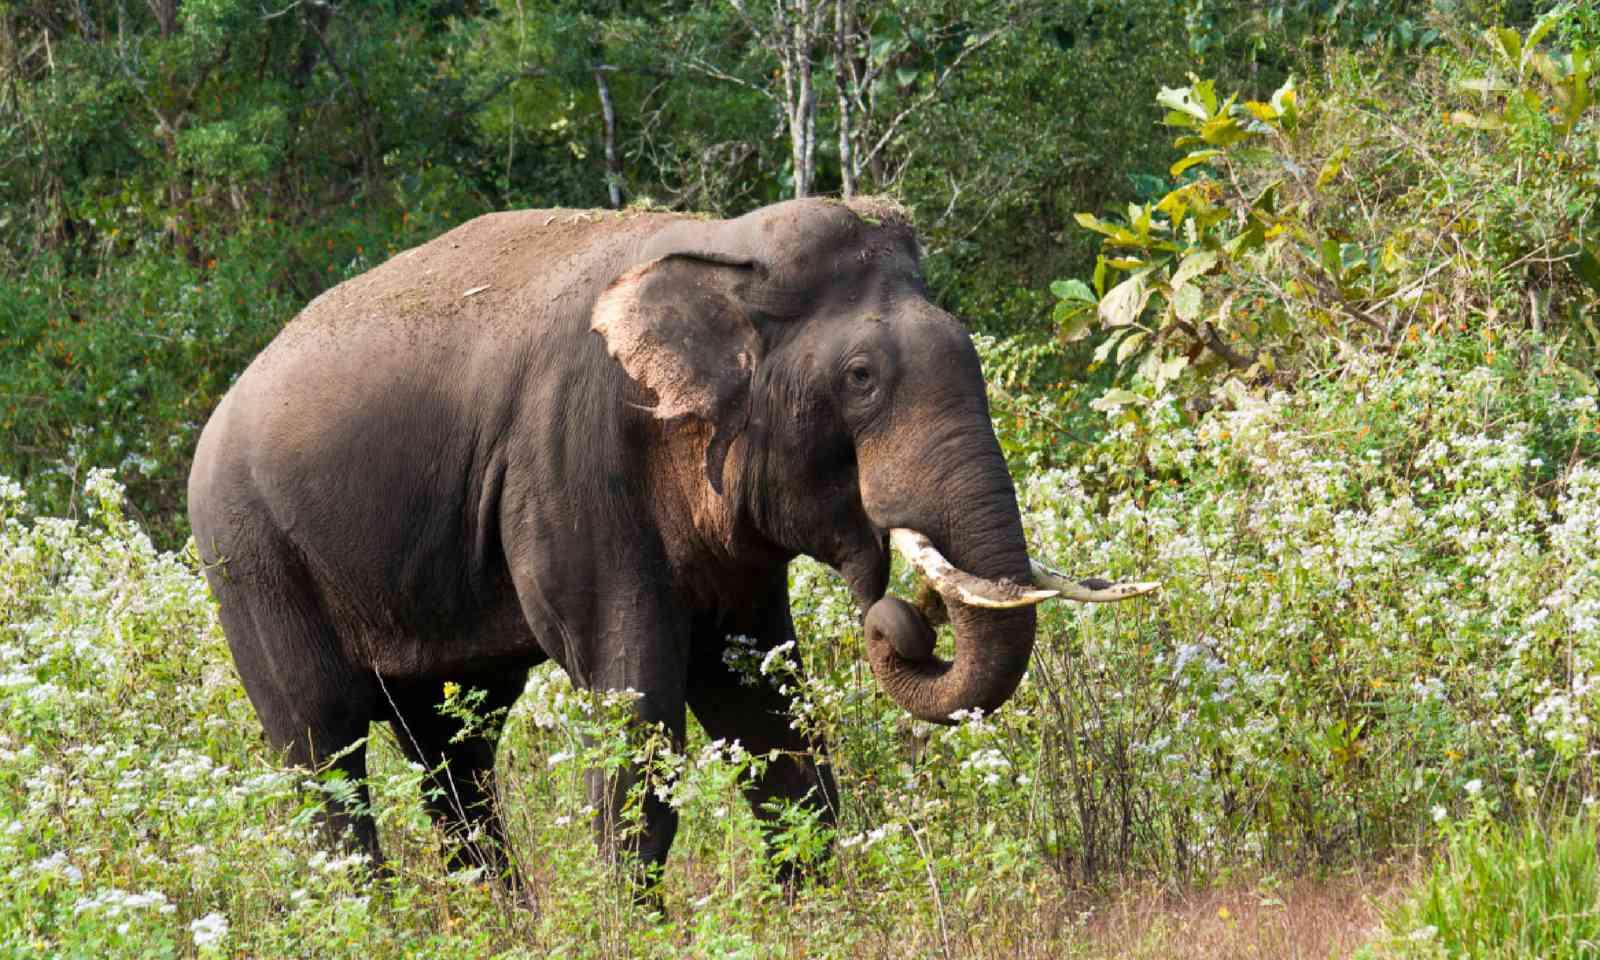 Indian elephant in Wayanad Wildlife Sanctuary (Shutterstock)